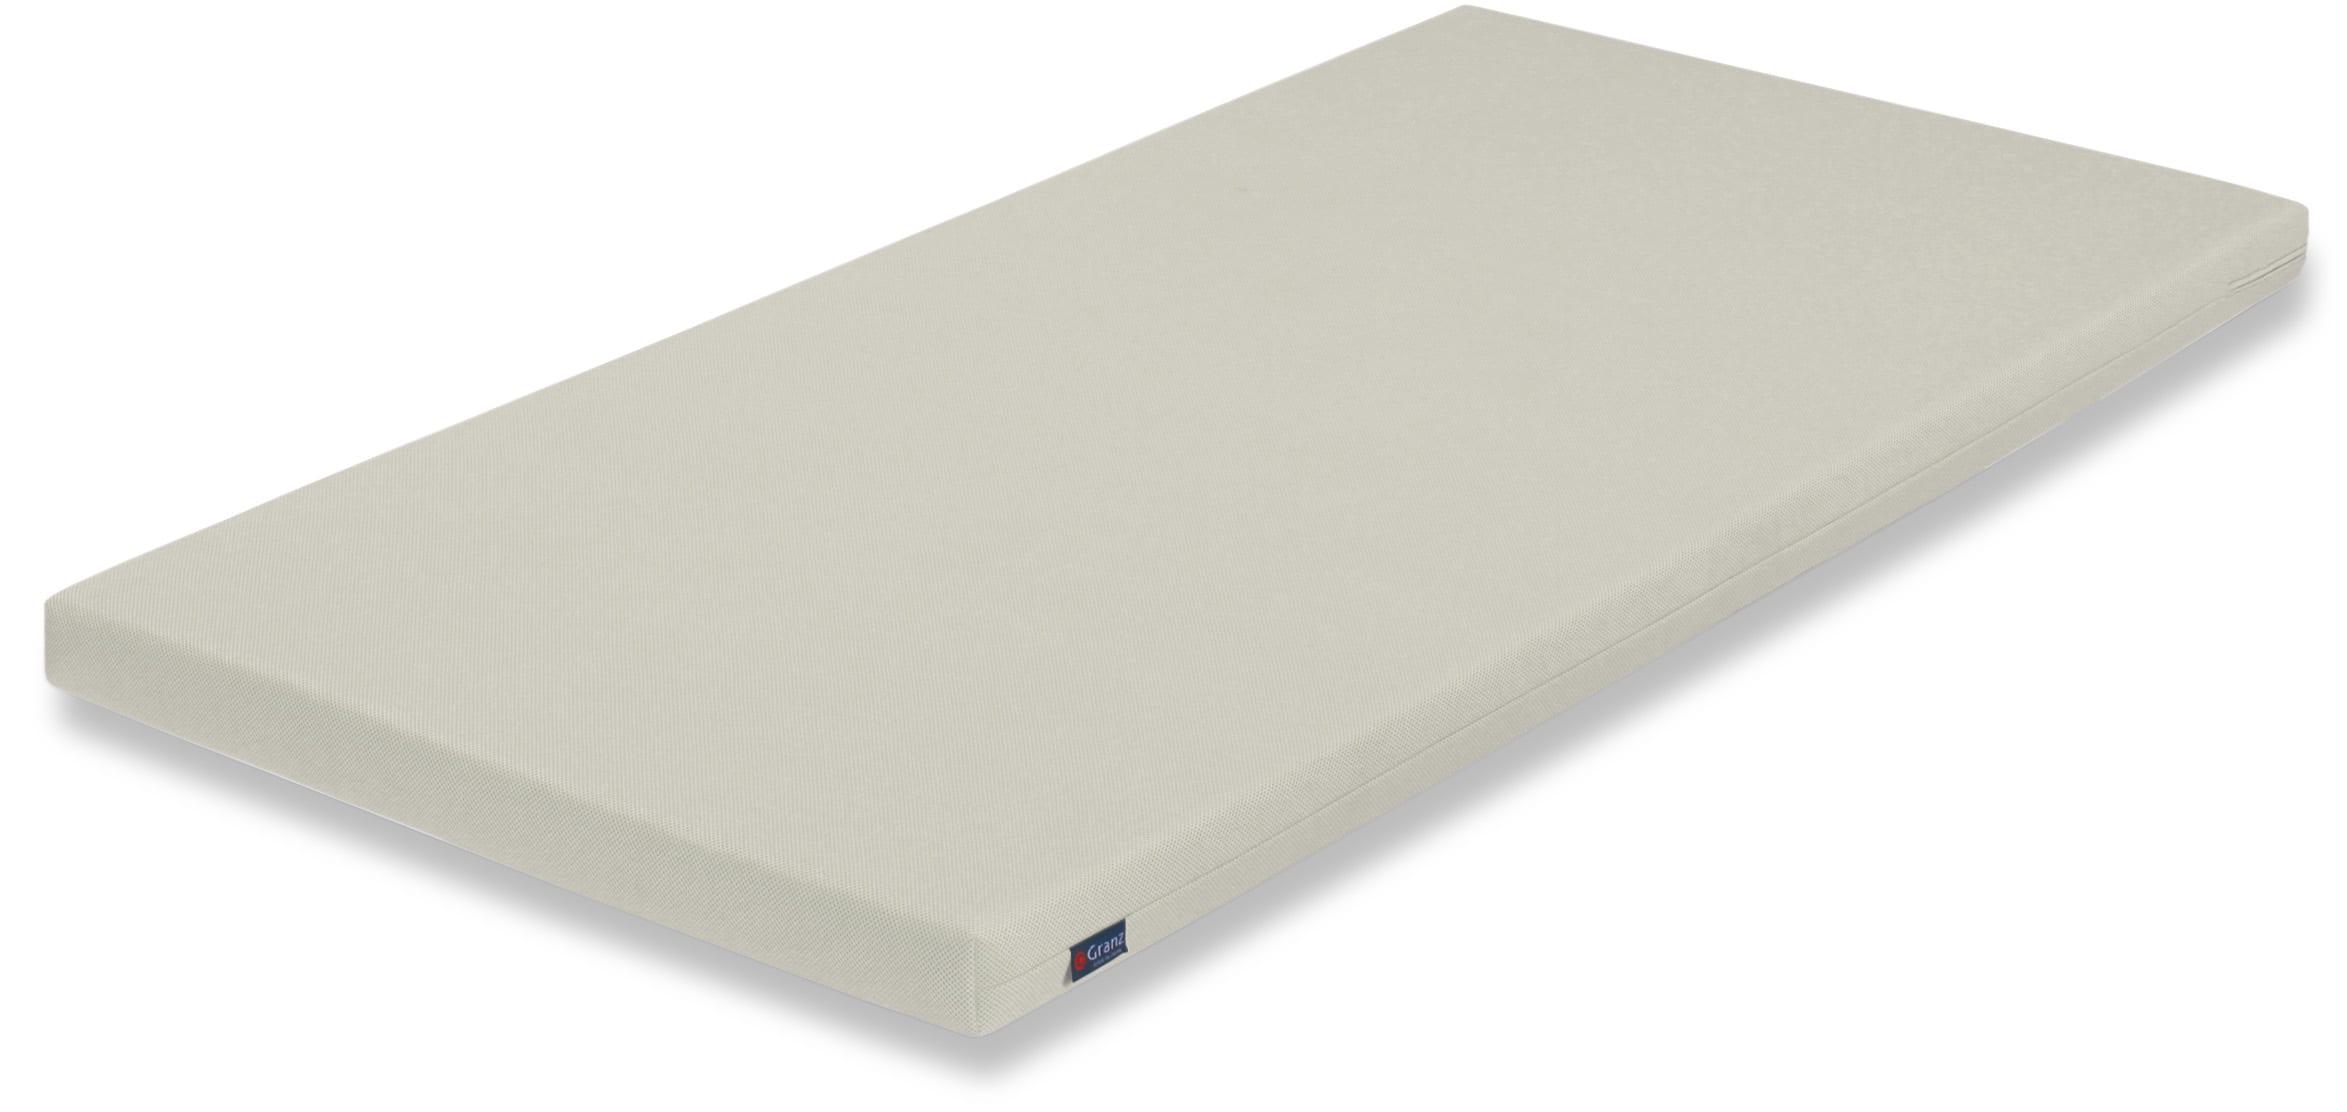 薄型マットレス カラーポケット GYグレー:《システムベッドのマットレスにおすすめ》